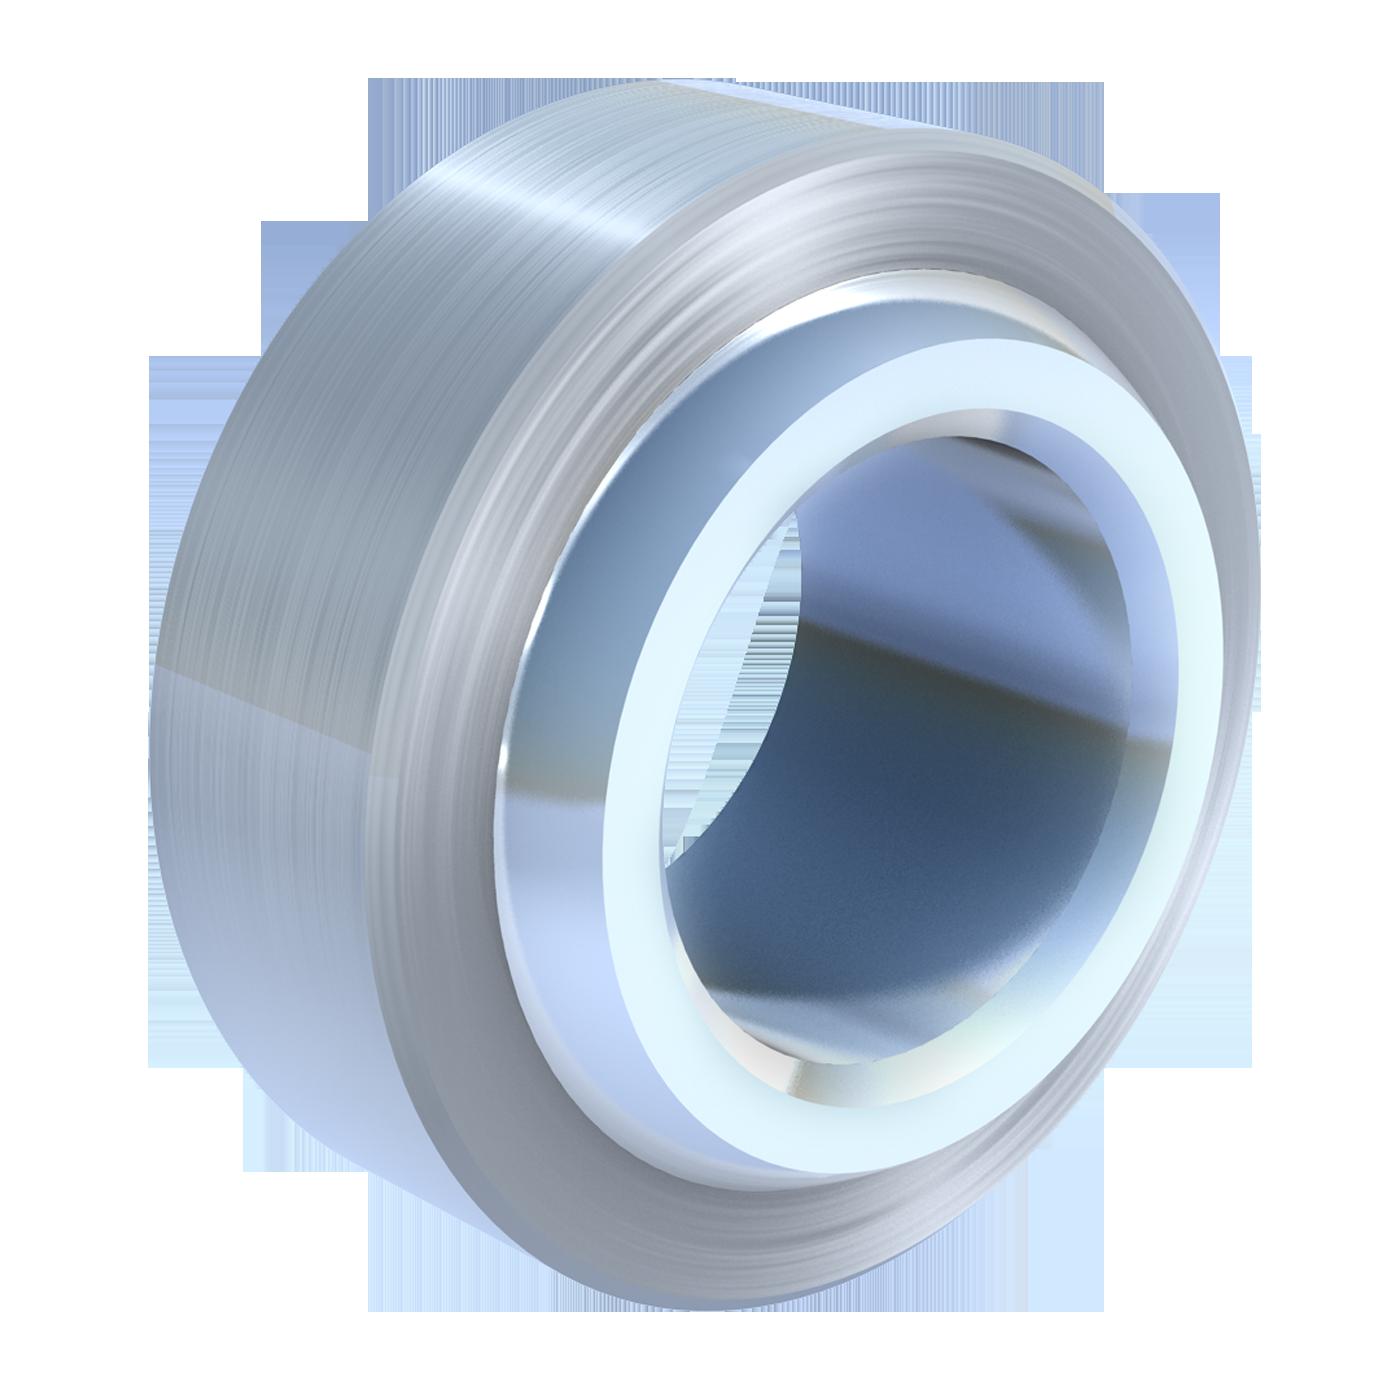 Wartungsfreie Gelenklager der schmalen Maßreihe E von mbo Oßwald, sind ebenfalls nach DIN ISO 12240-1 (DIN 648). Diese Gelenklager gibt es in Edelstahl als rostgeschütze Ausführung.